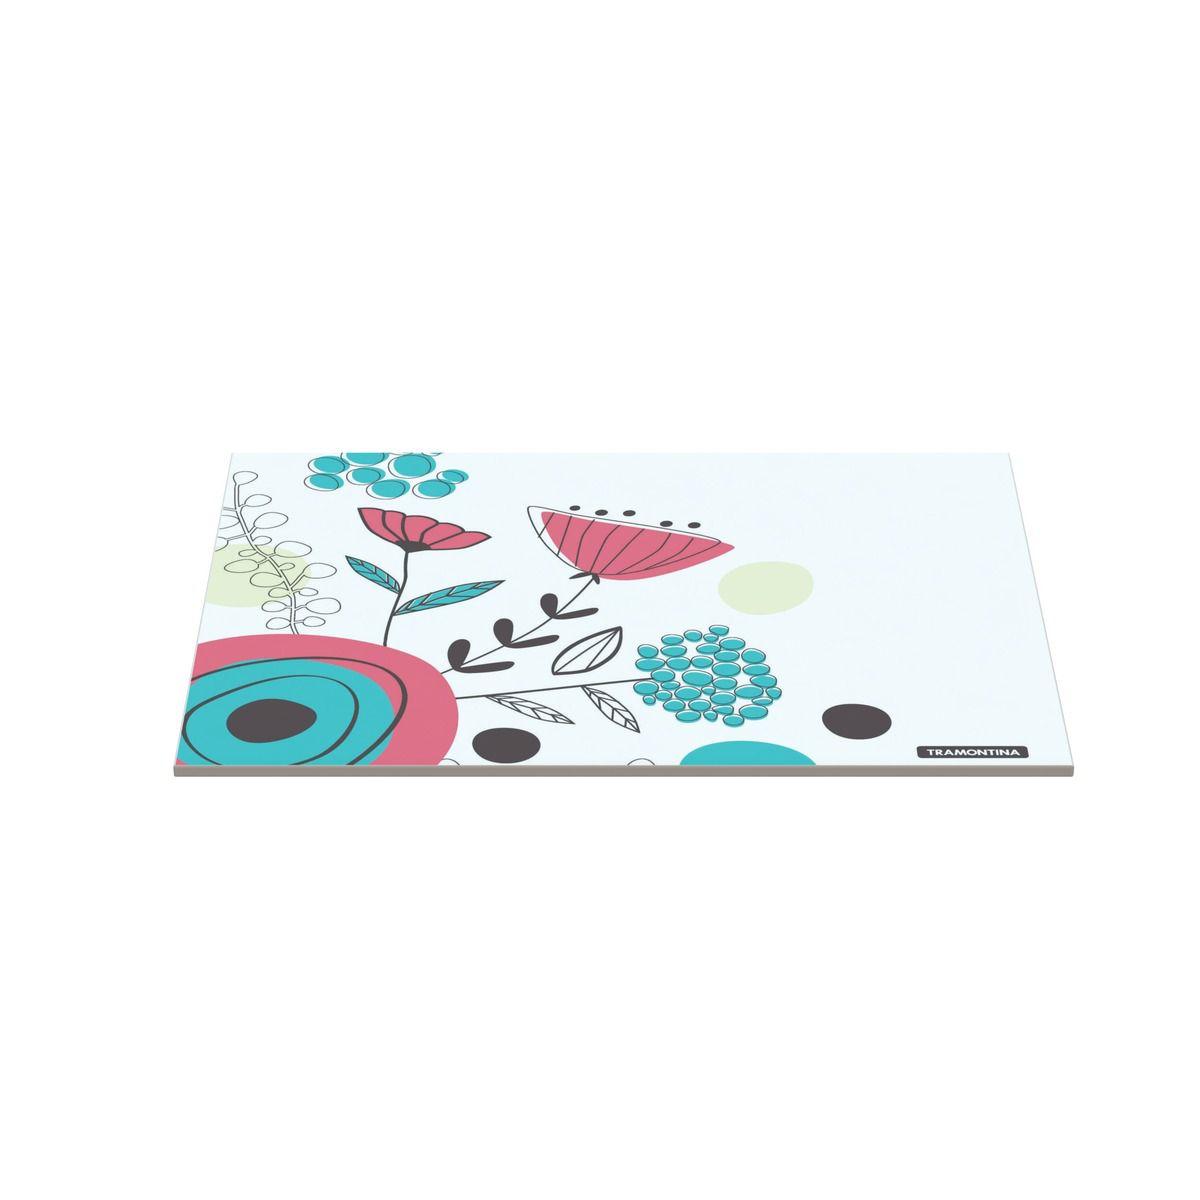 Tábua Tramontina Retangular em Vidro Branco com Estampa Floral 25x35 cm 10399/003   Lojas Estrela